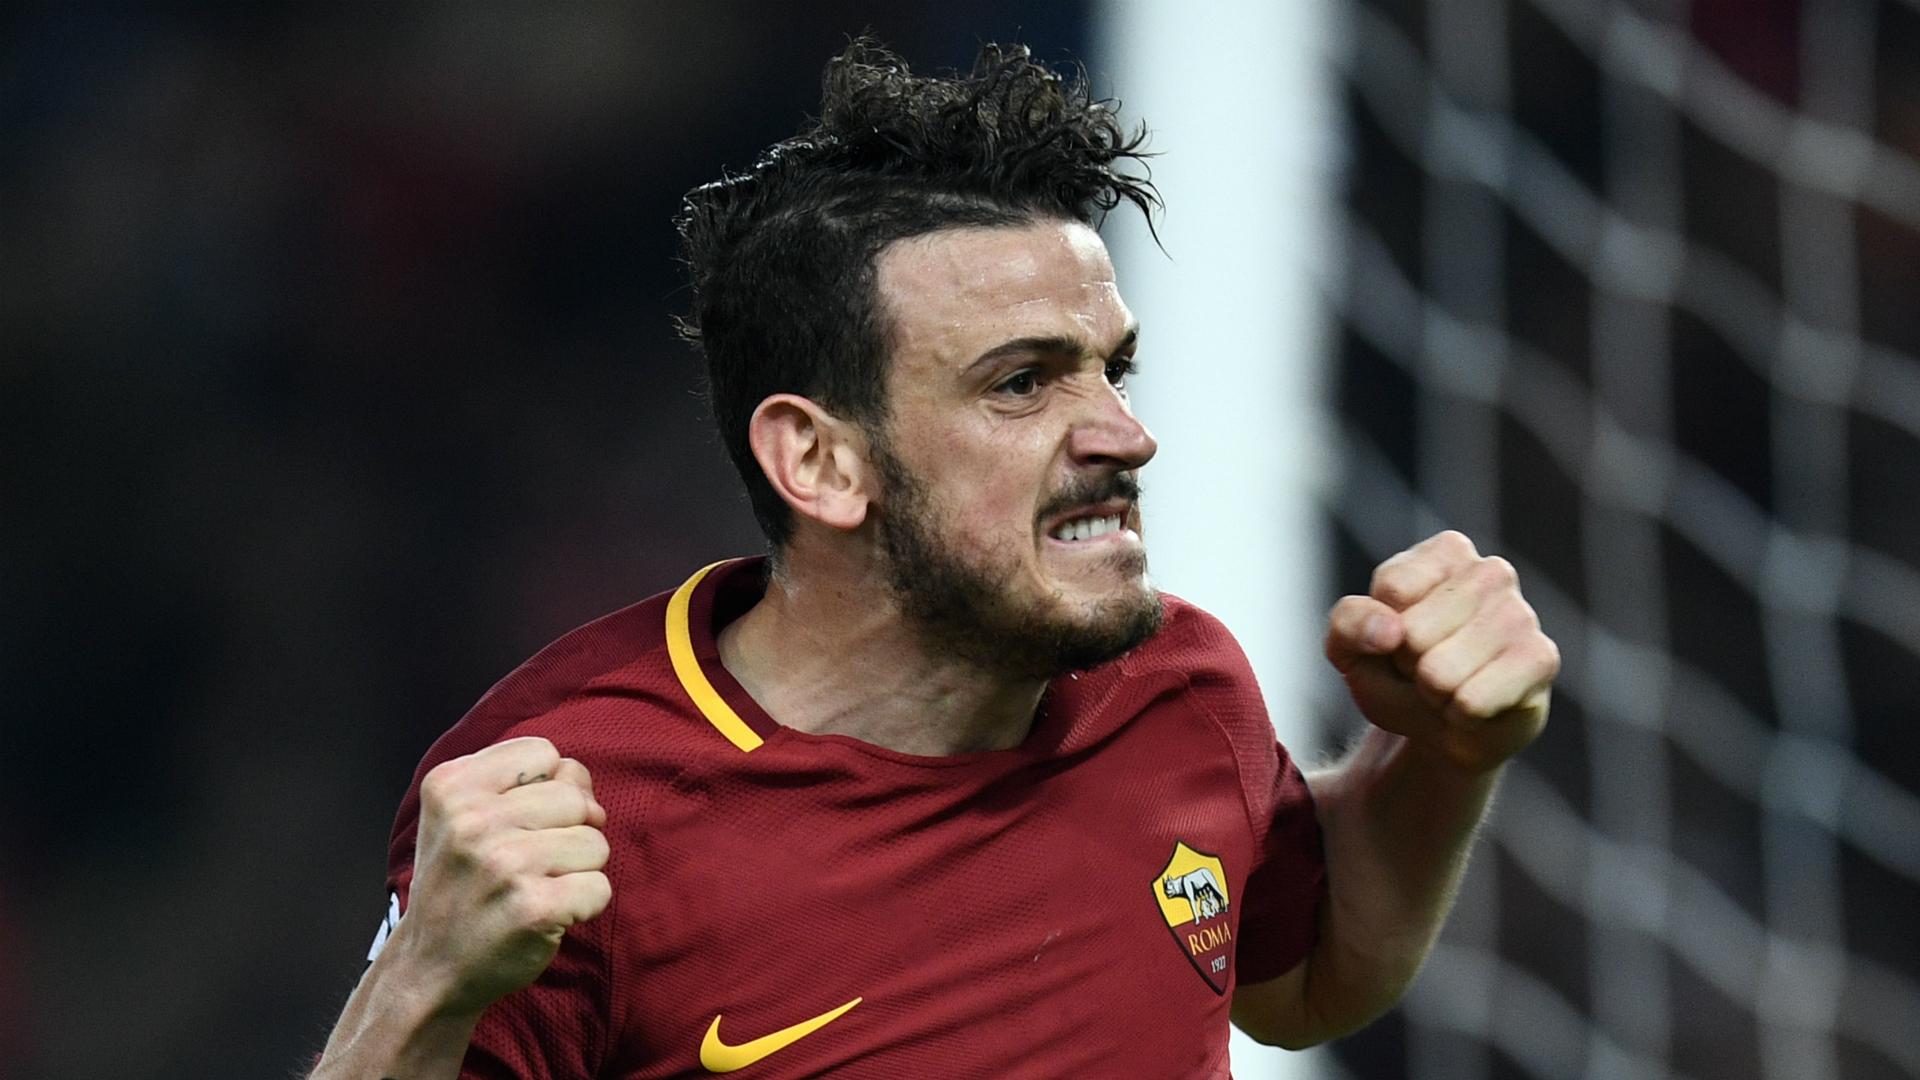 Calciomercato Roma, l'Inter vuole anche Florenzi